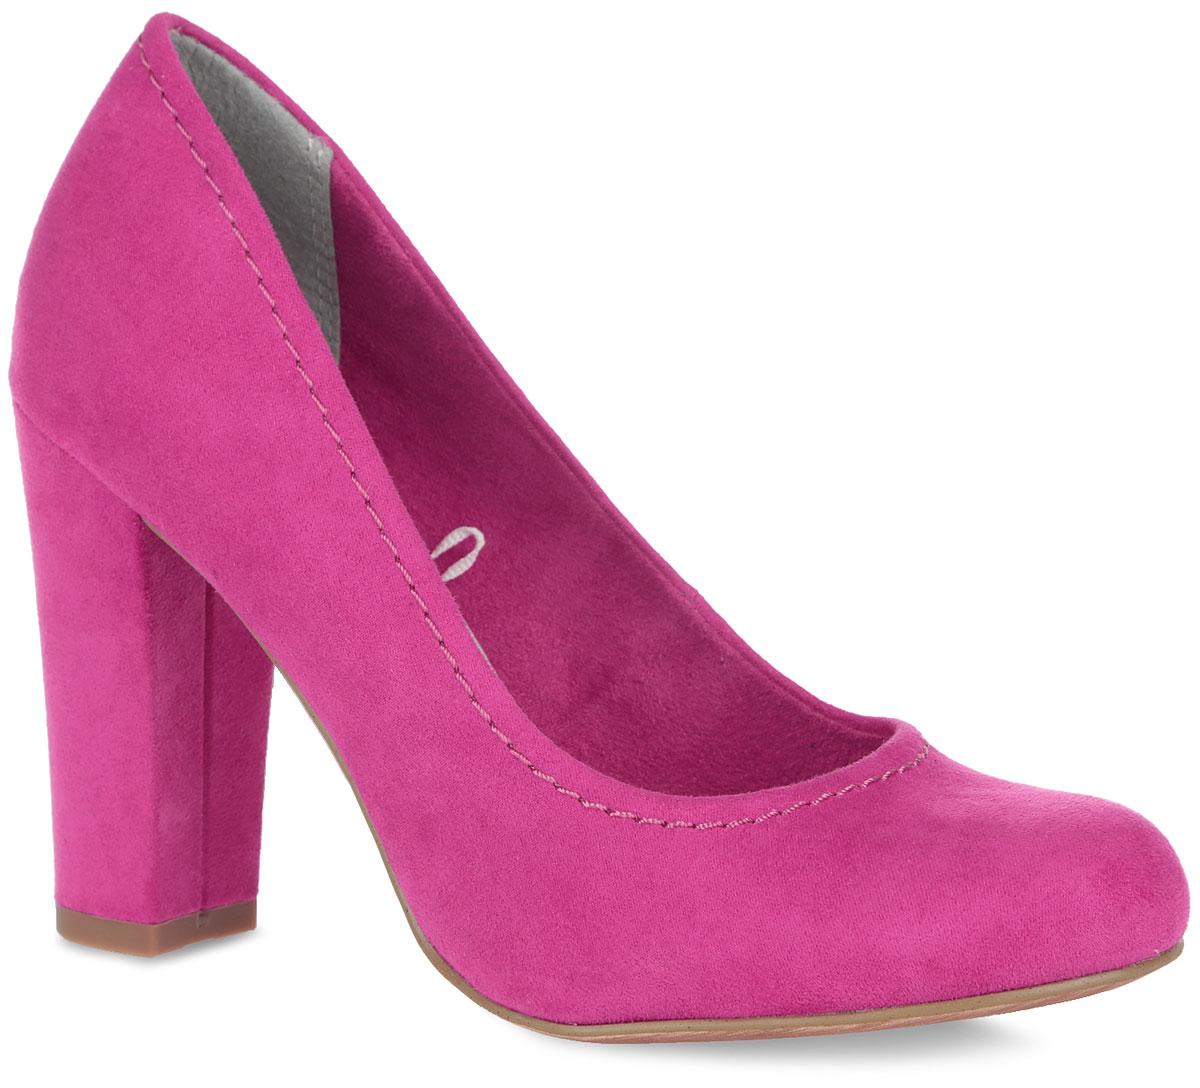 2-2-22425-26-341Оригинальные женские туфли от Marco Tozzi покорят вас с первого взгляда. Модель выполнена из приятного на ощупь текстильного материала и декорирована по канту прострочкой. Текстильная подкладка и стелька, изготовленная из искусственной кожи, обеспечивают дополнительный комфорт и предотвращают натирание. Закругленный носок смотрится невероятно женственно. Высокий каблук устойчив. Подошва оснащена рифлением для лучшей сцепки. Модные туфли займут достойное место среди вашей коллекции обуви.